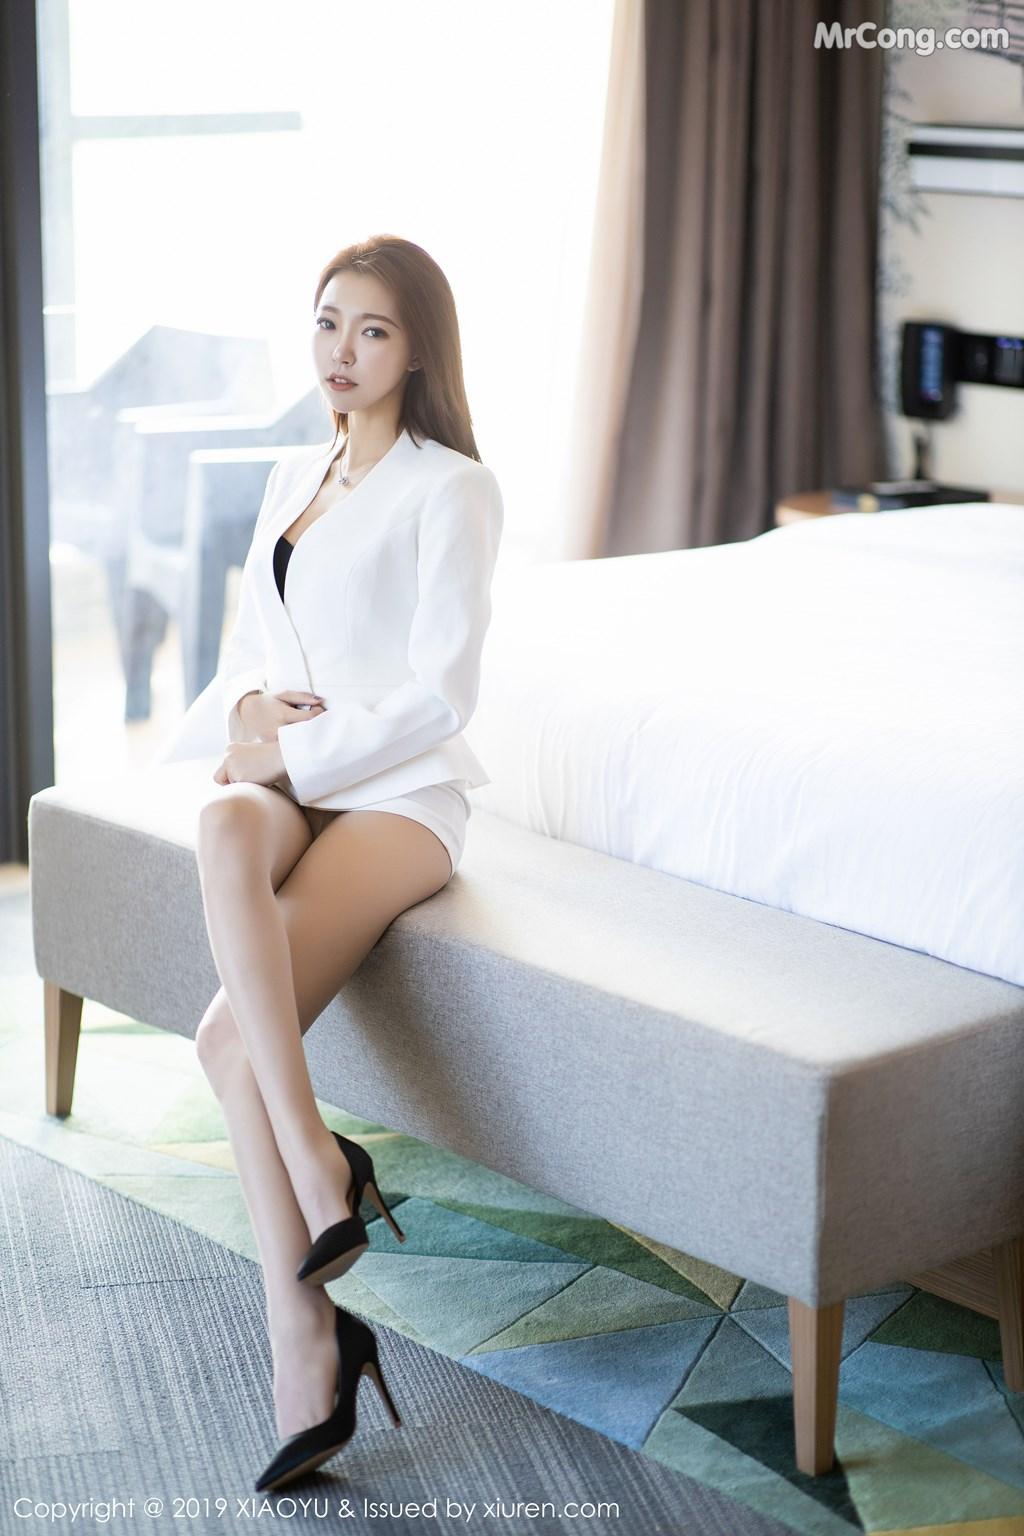 Image XiaoYu-Vol.207-LRIS-Feng-Mu-Mu-MrCong.com-006 in post XiaoYu Vol.207: LRIS (冯木木) (109 ảnh)